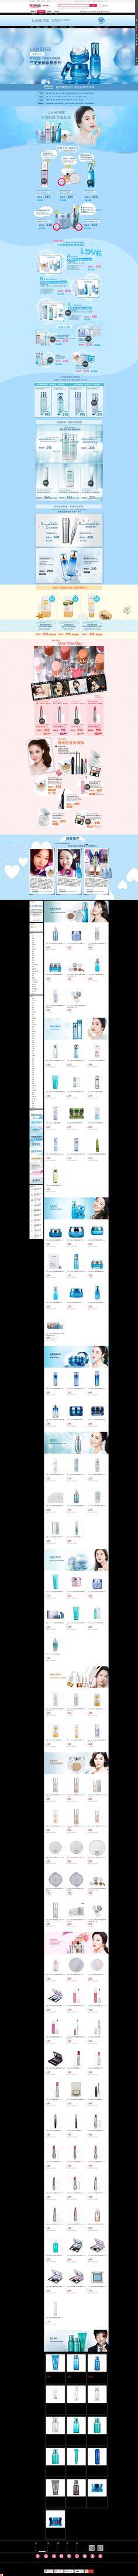 兰芝化妆品护肤品美妆淘宝店铺首页web ...